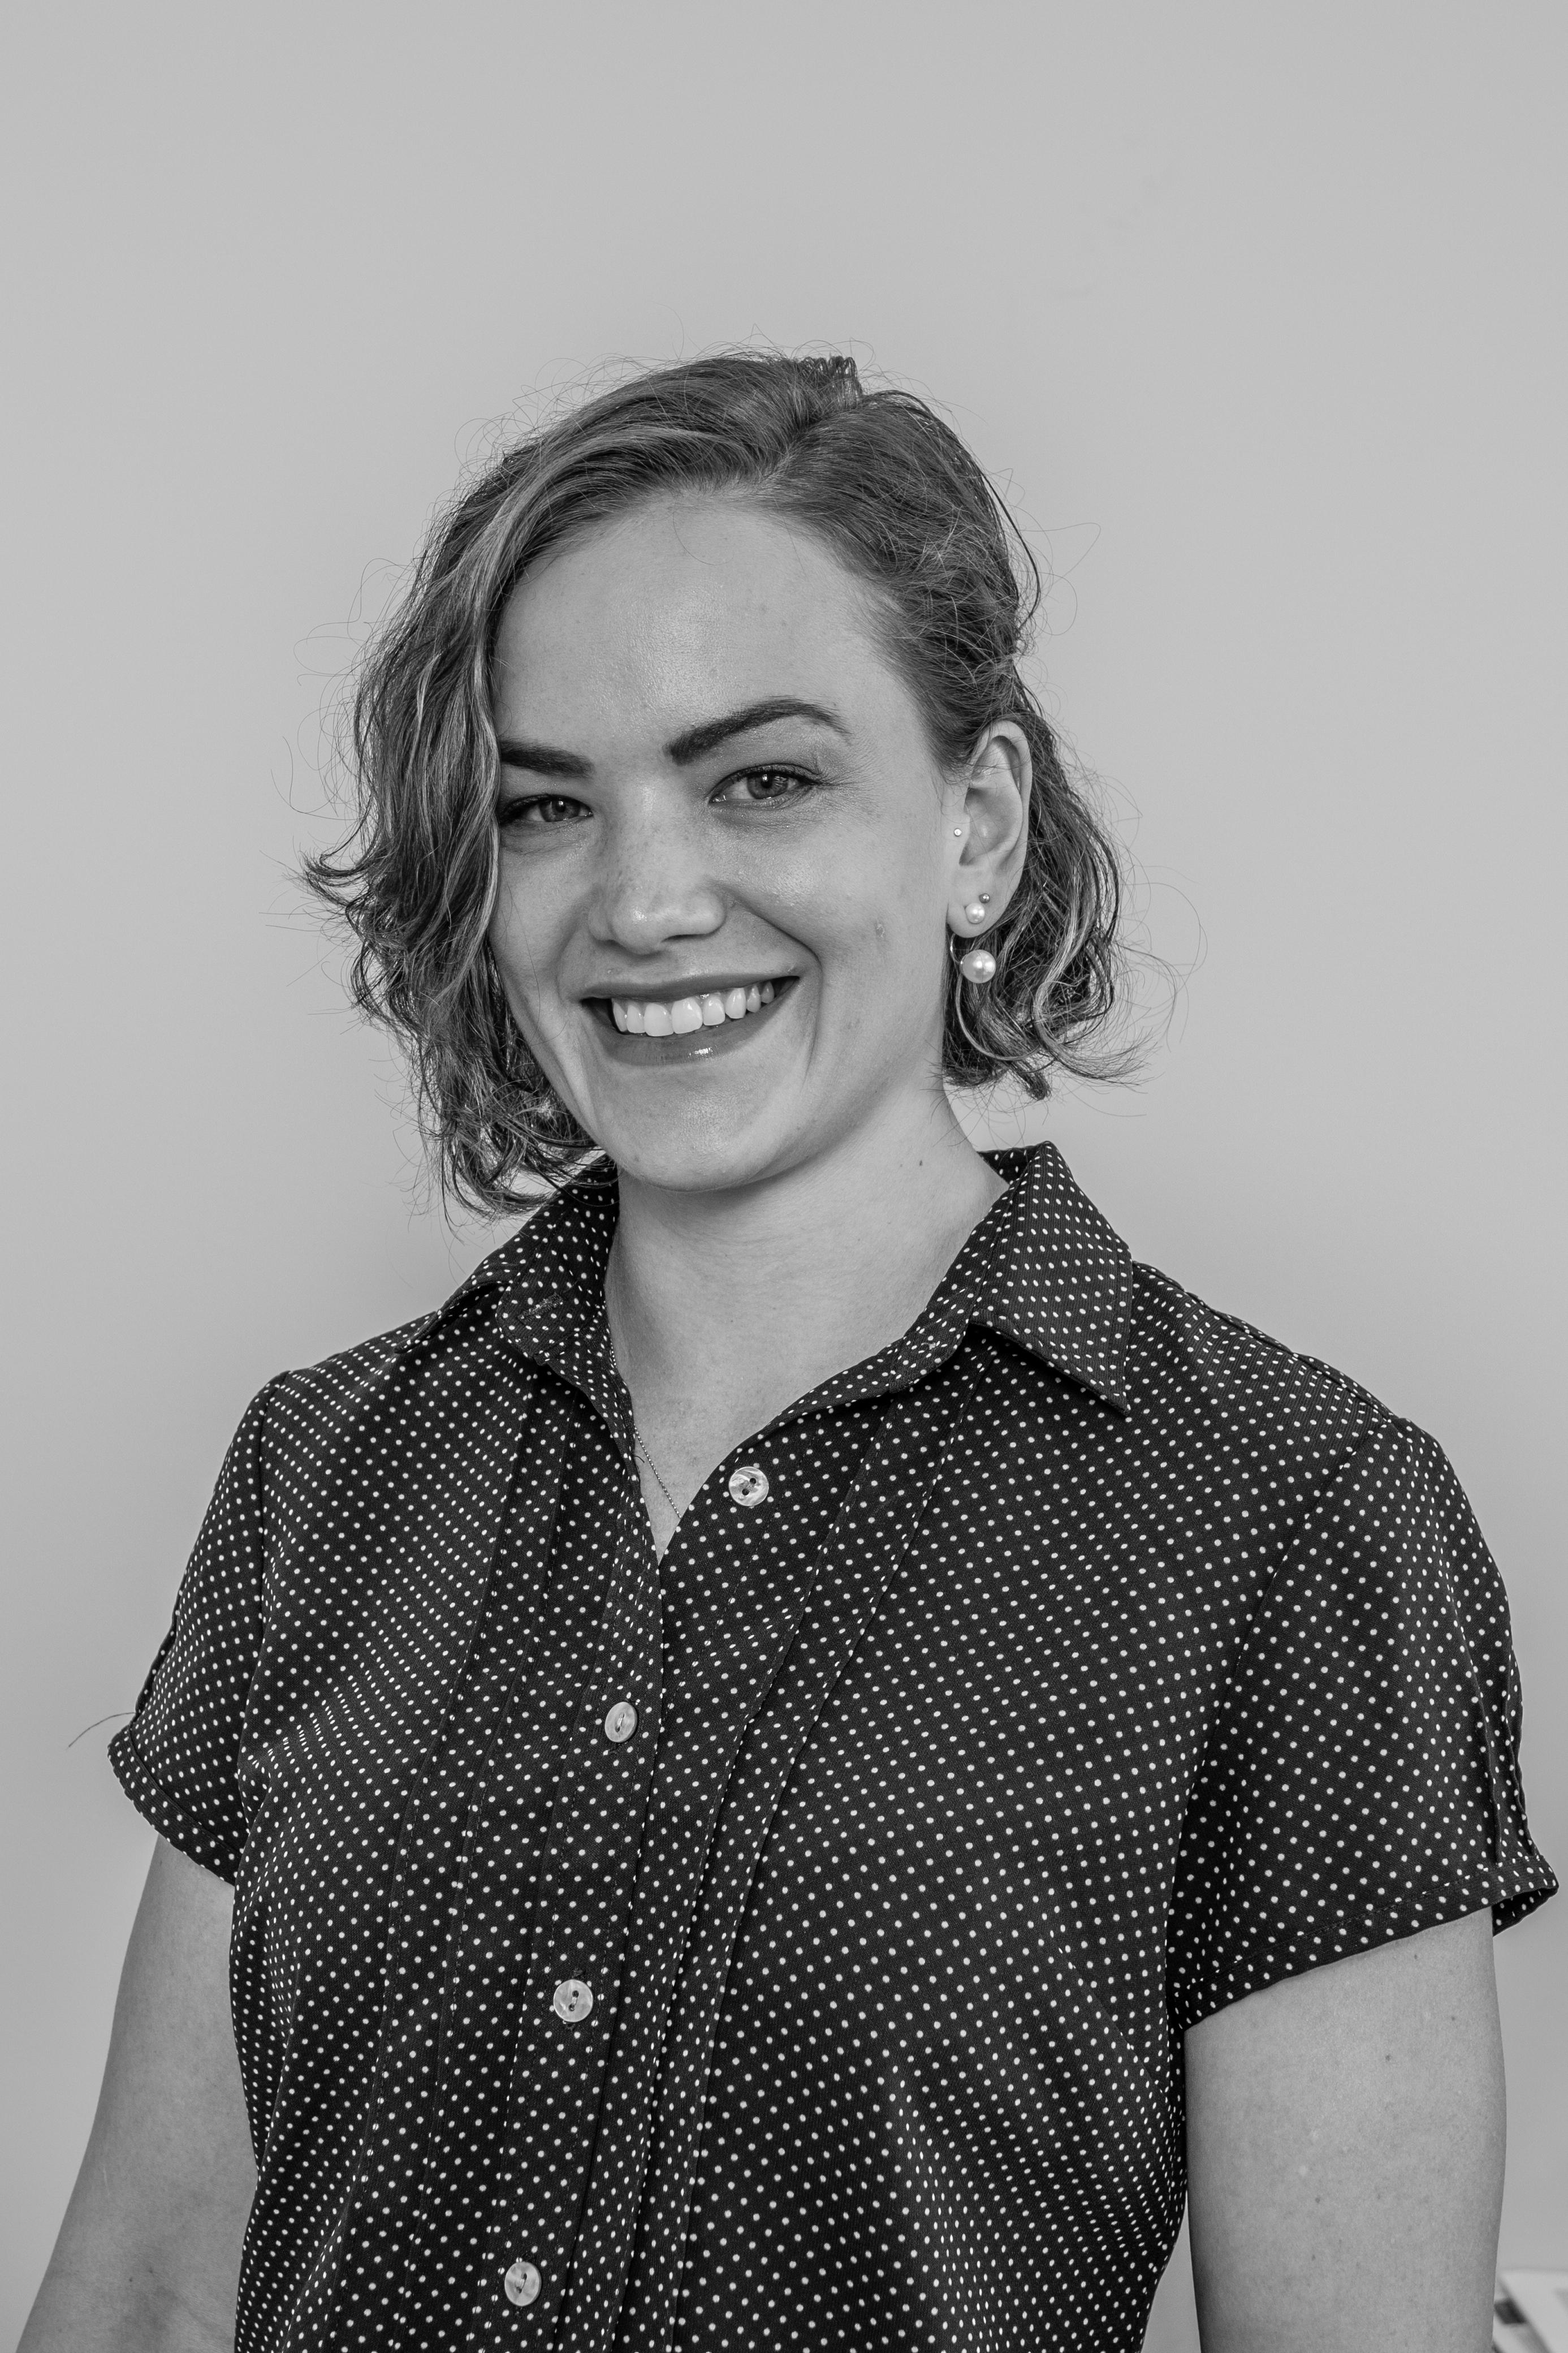 Olivia Bourne